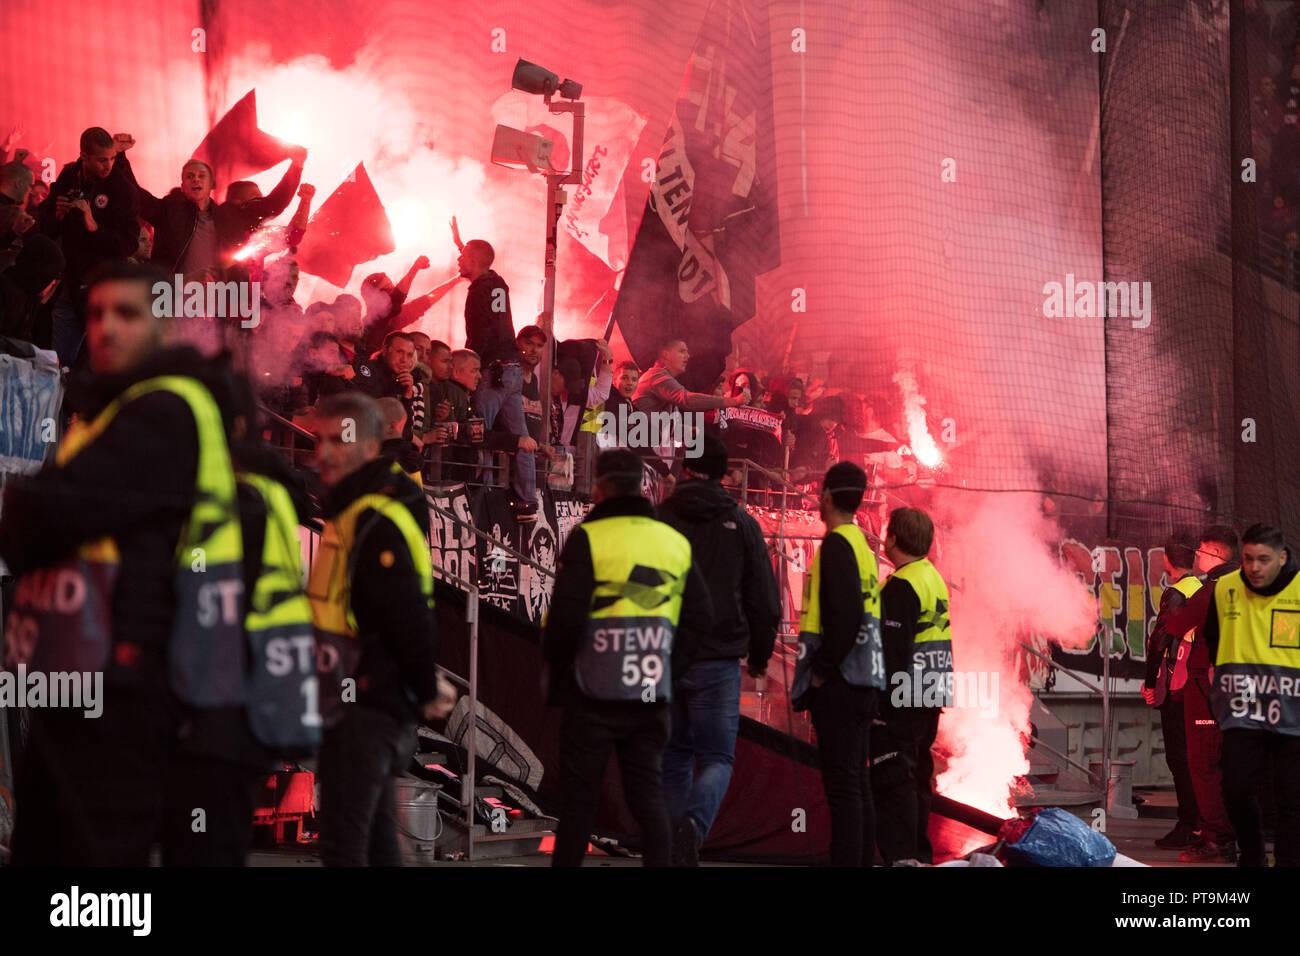 Frankfurt Fans Feuerwerk Pyrotechnik Pyro Bengalos